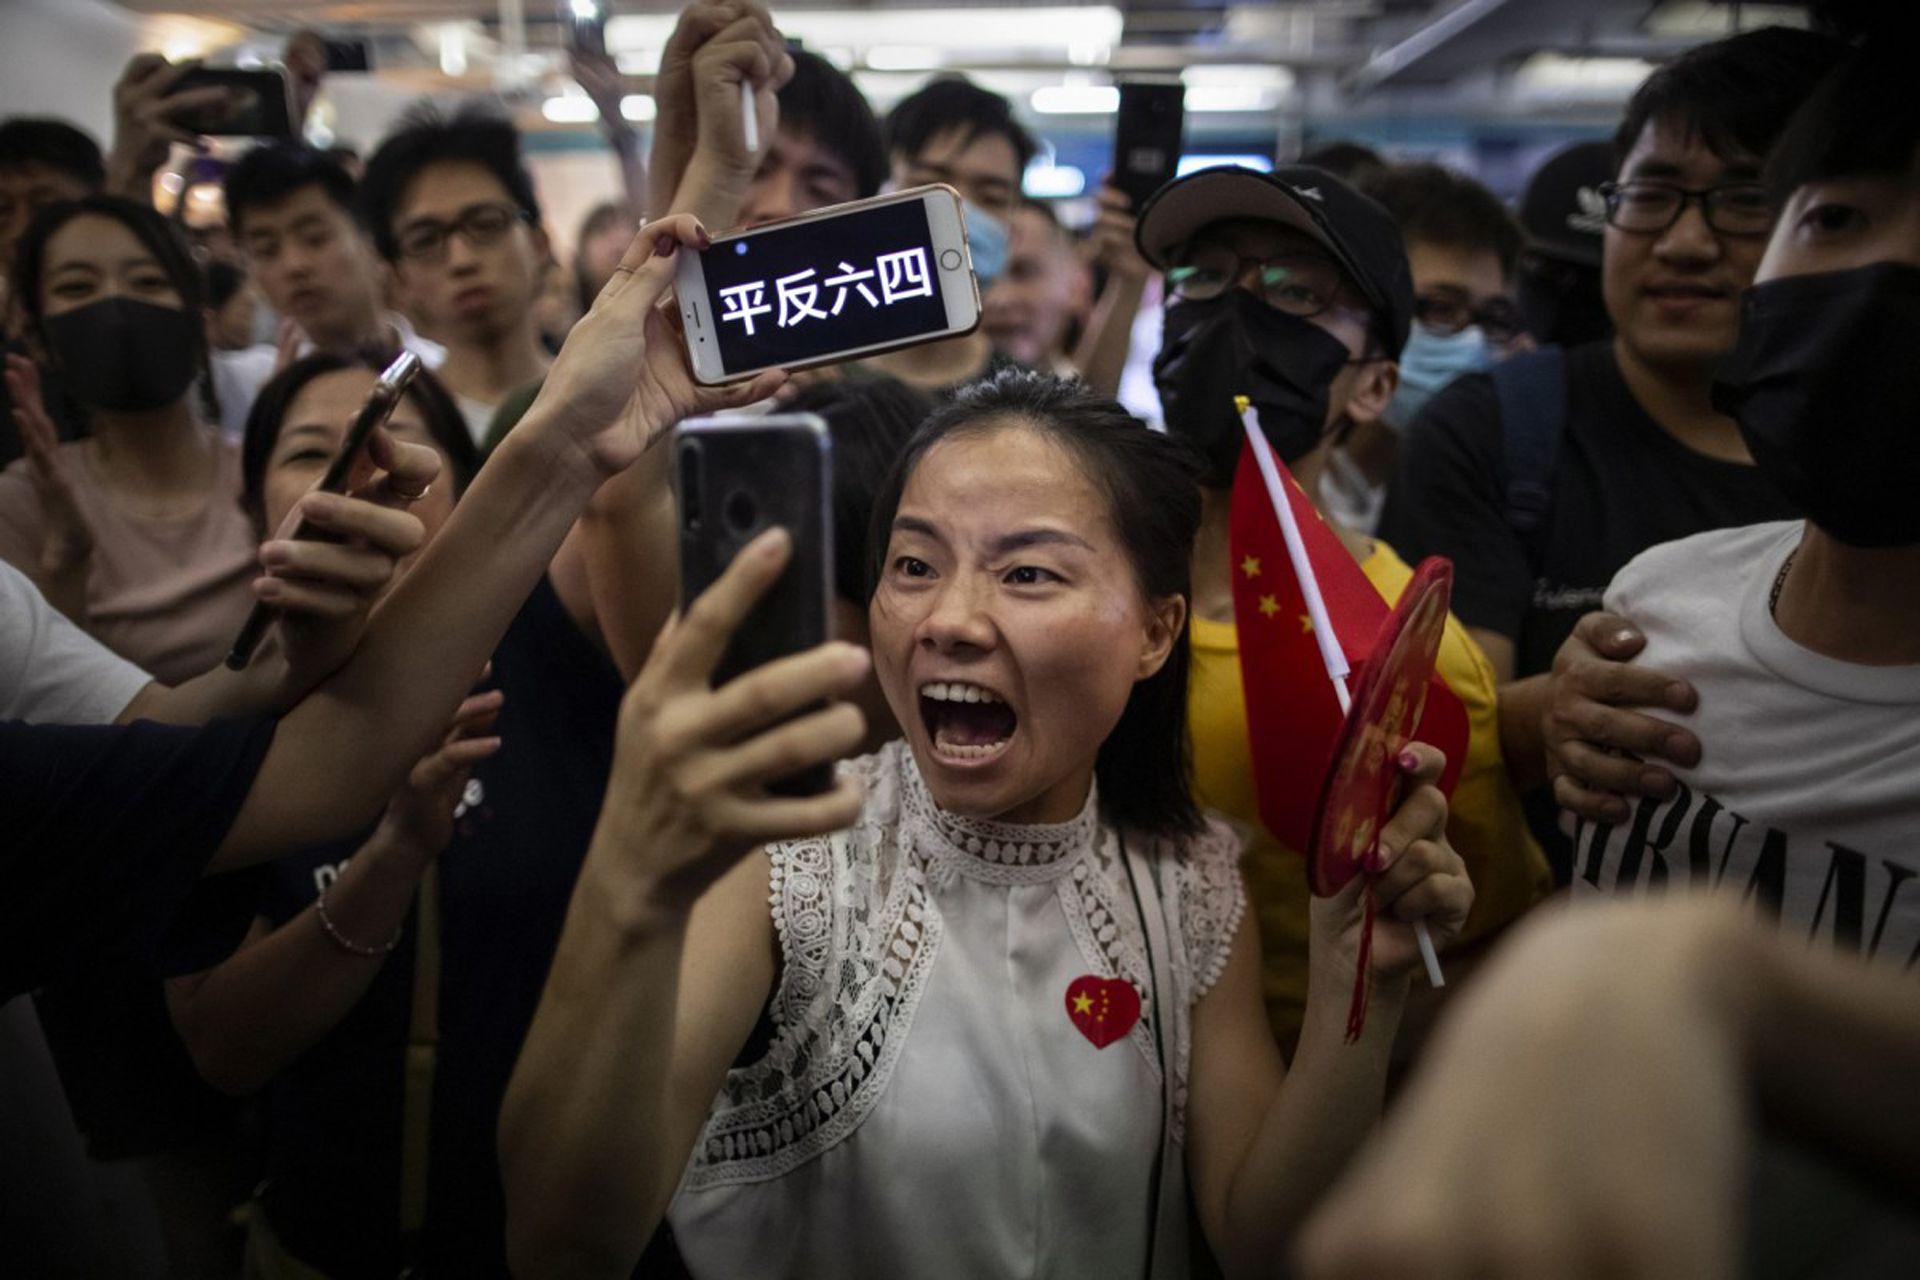 Una manifestante se filma a sí misma durante las protestas en la estación Yuen Long